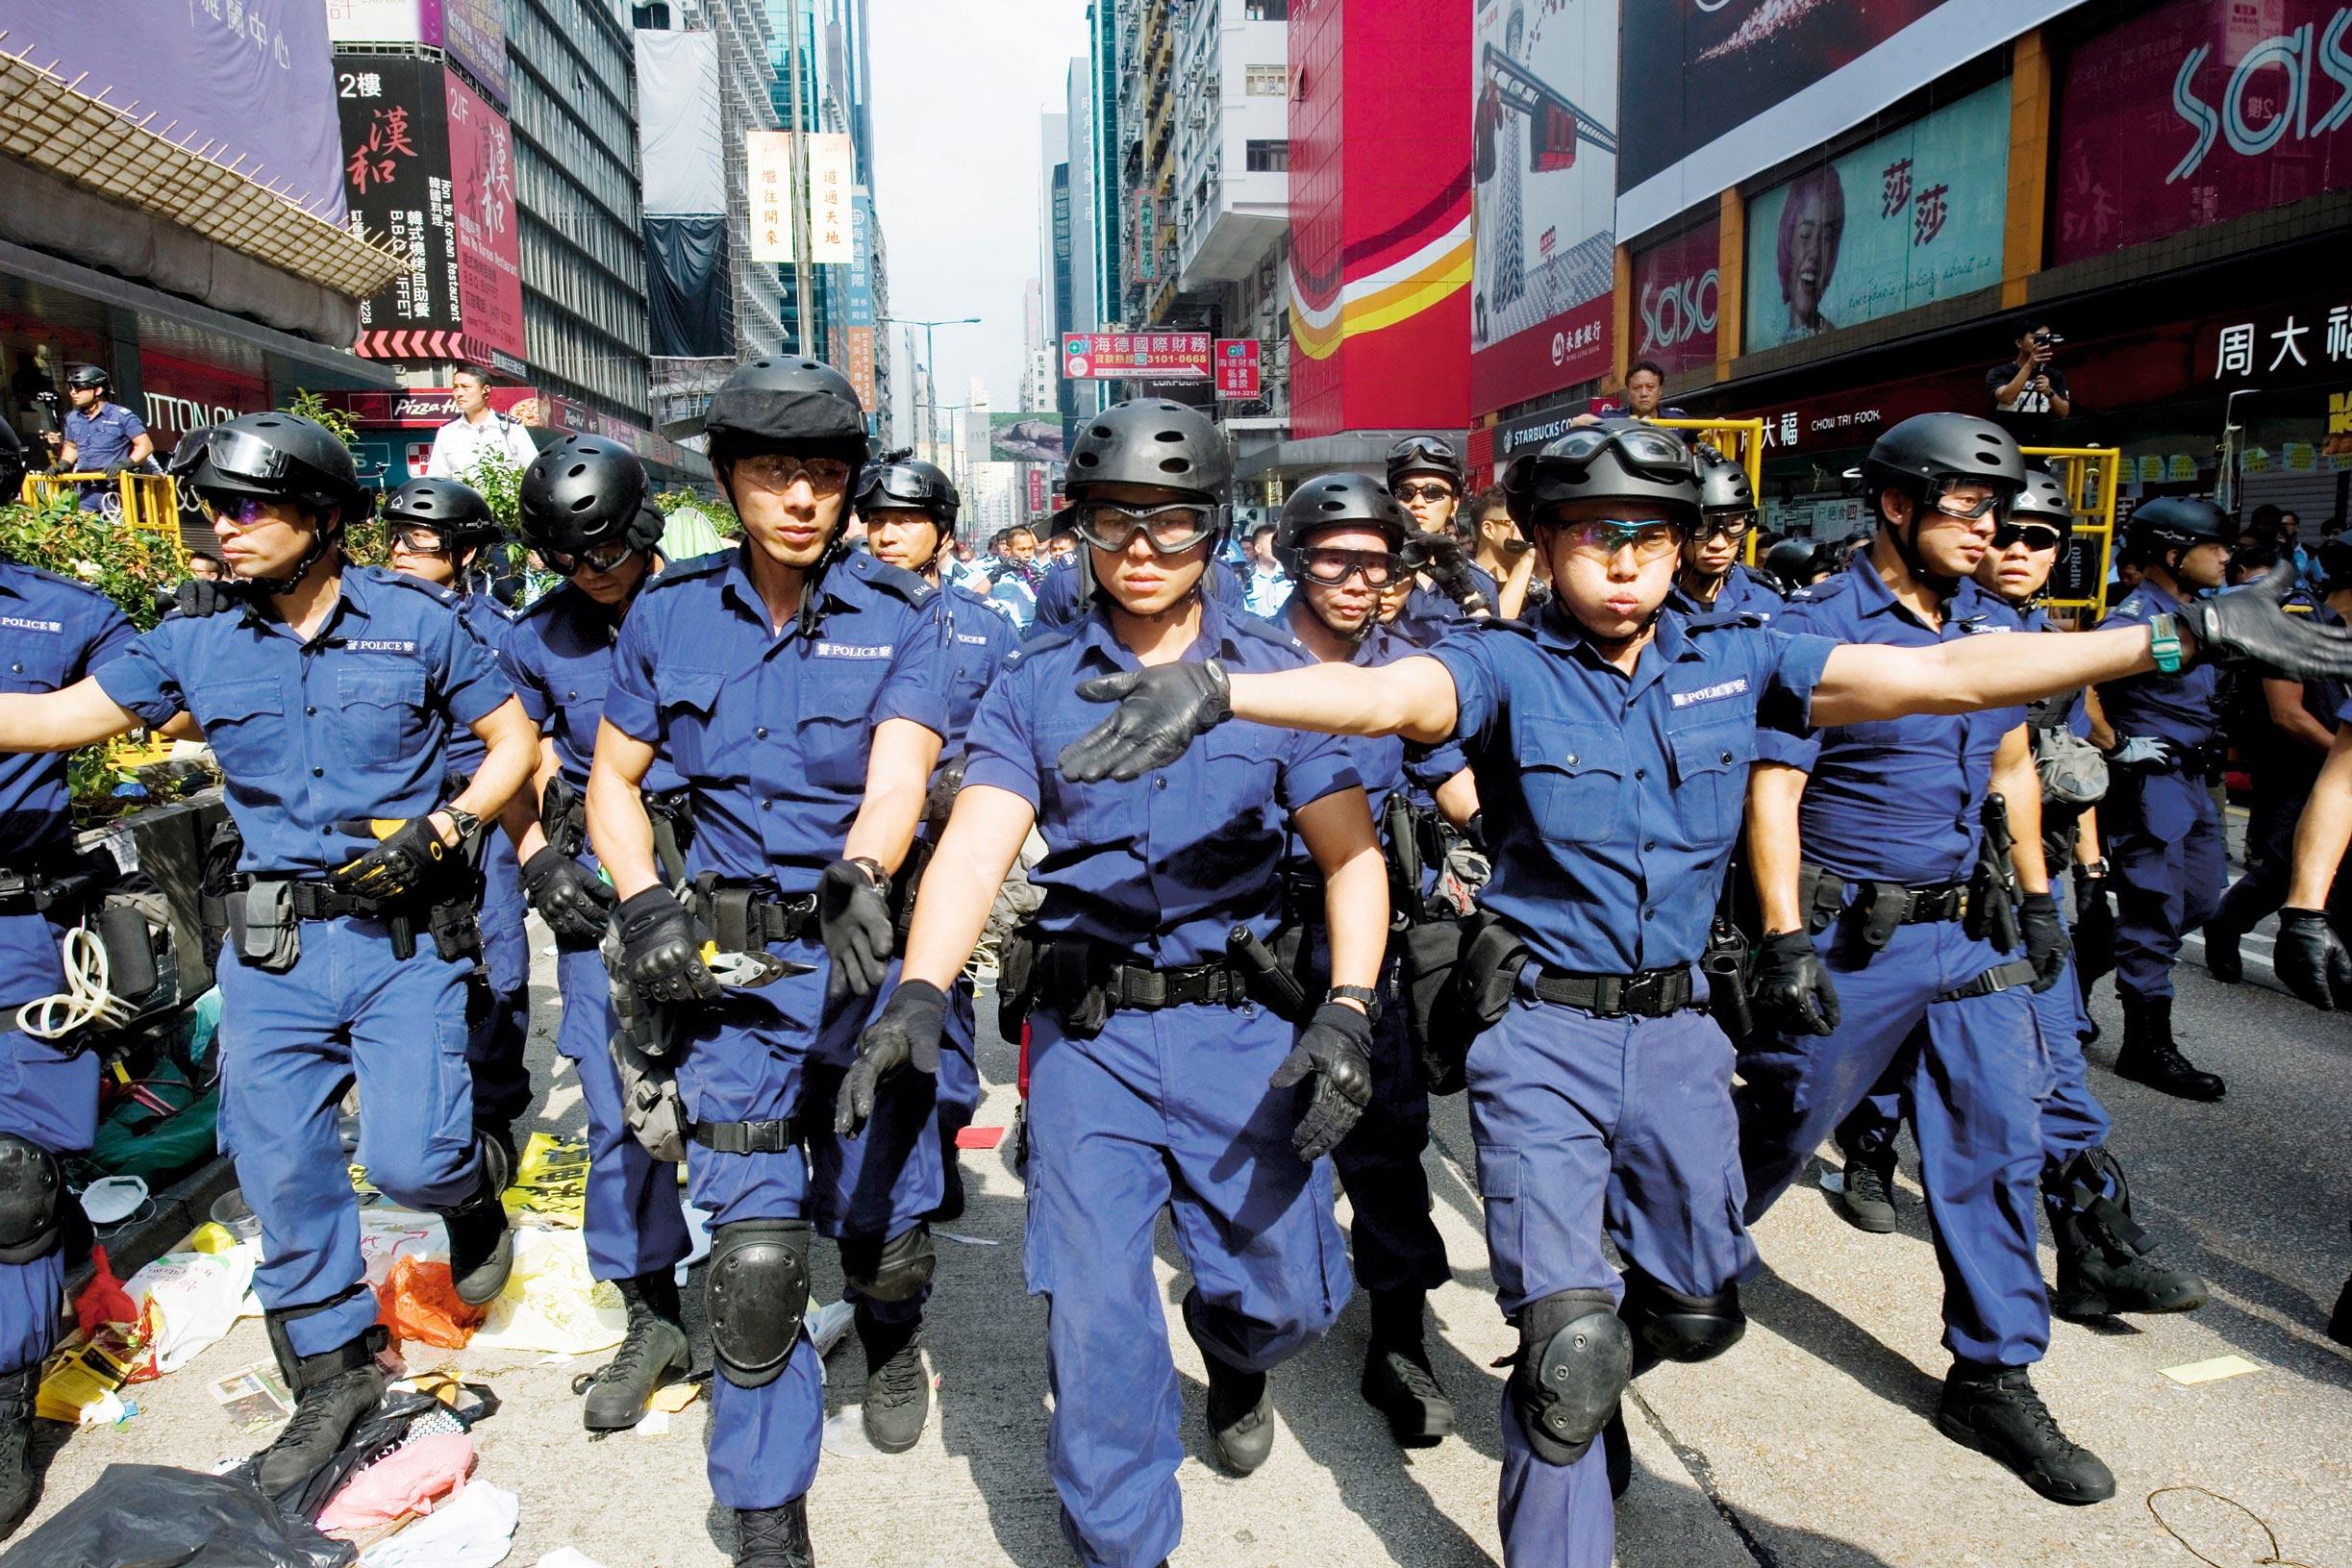 中港臺試高下 大陸警察何去何從-多維cn期刊-多維新聞網